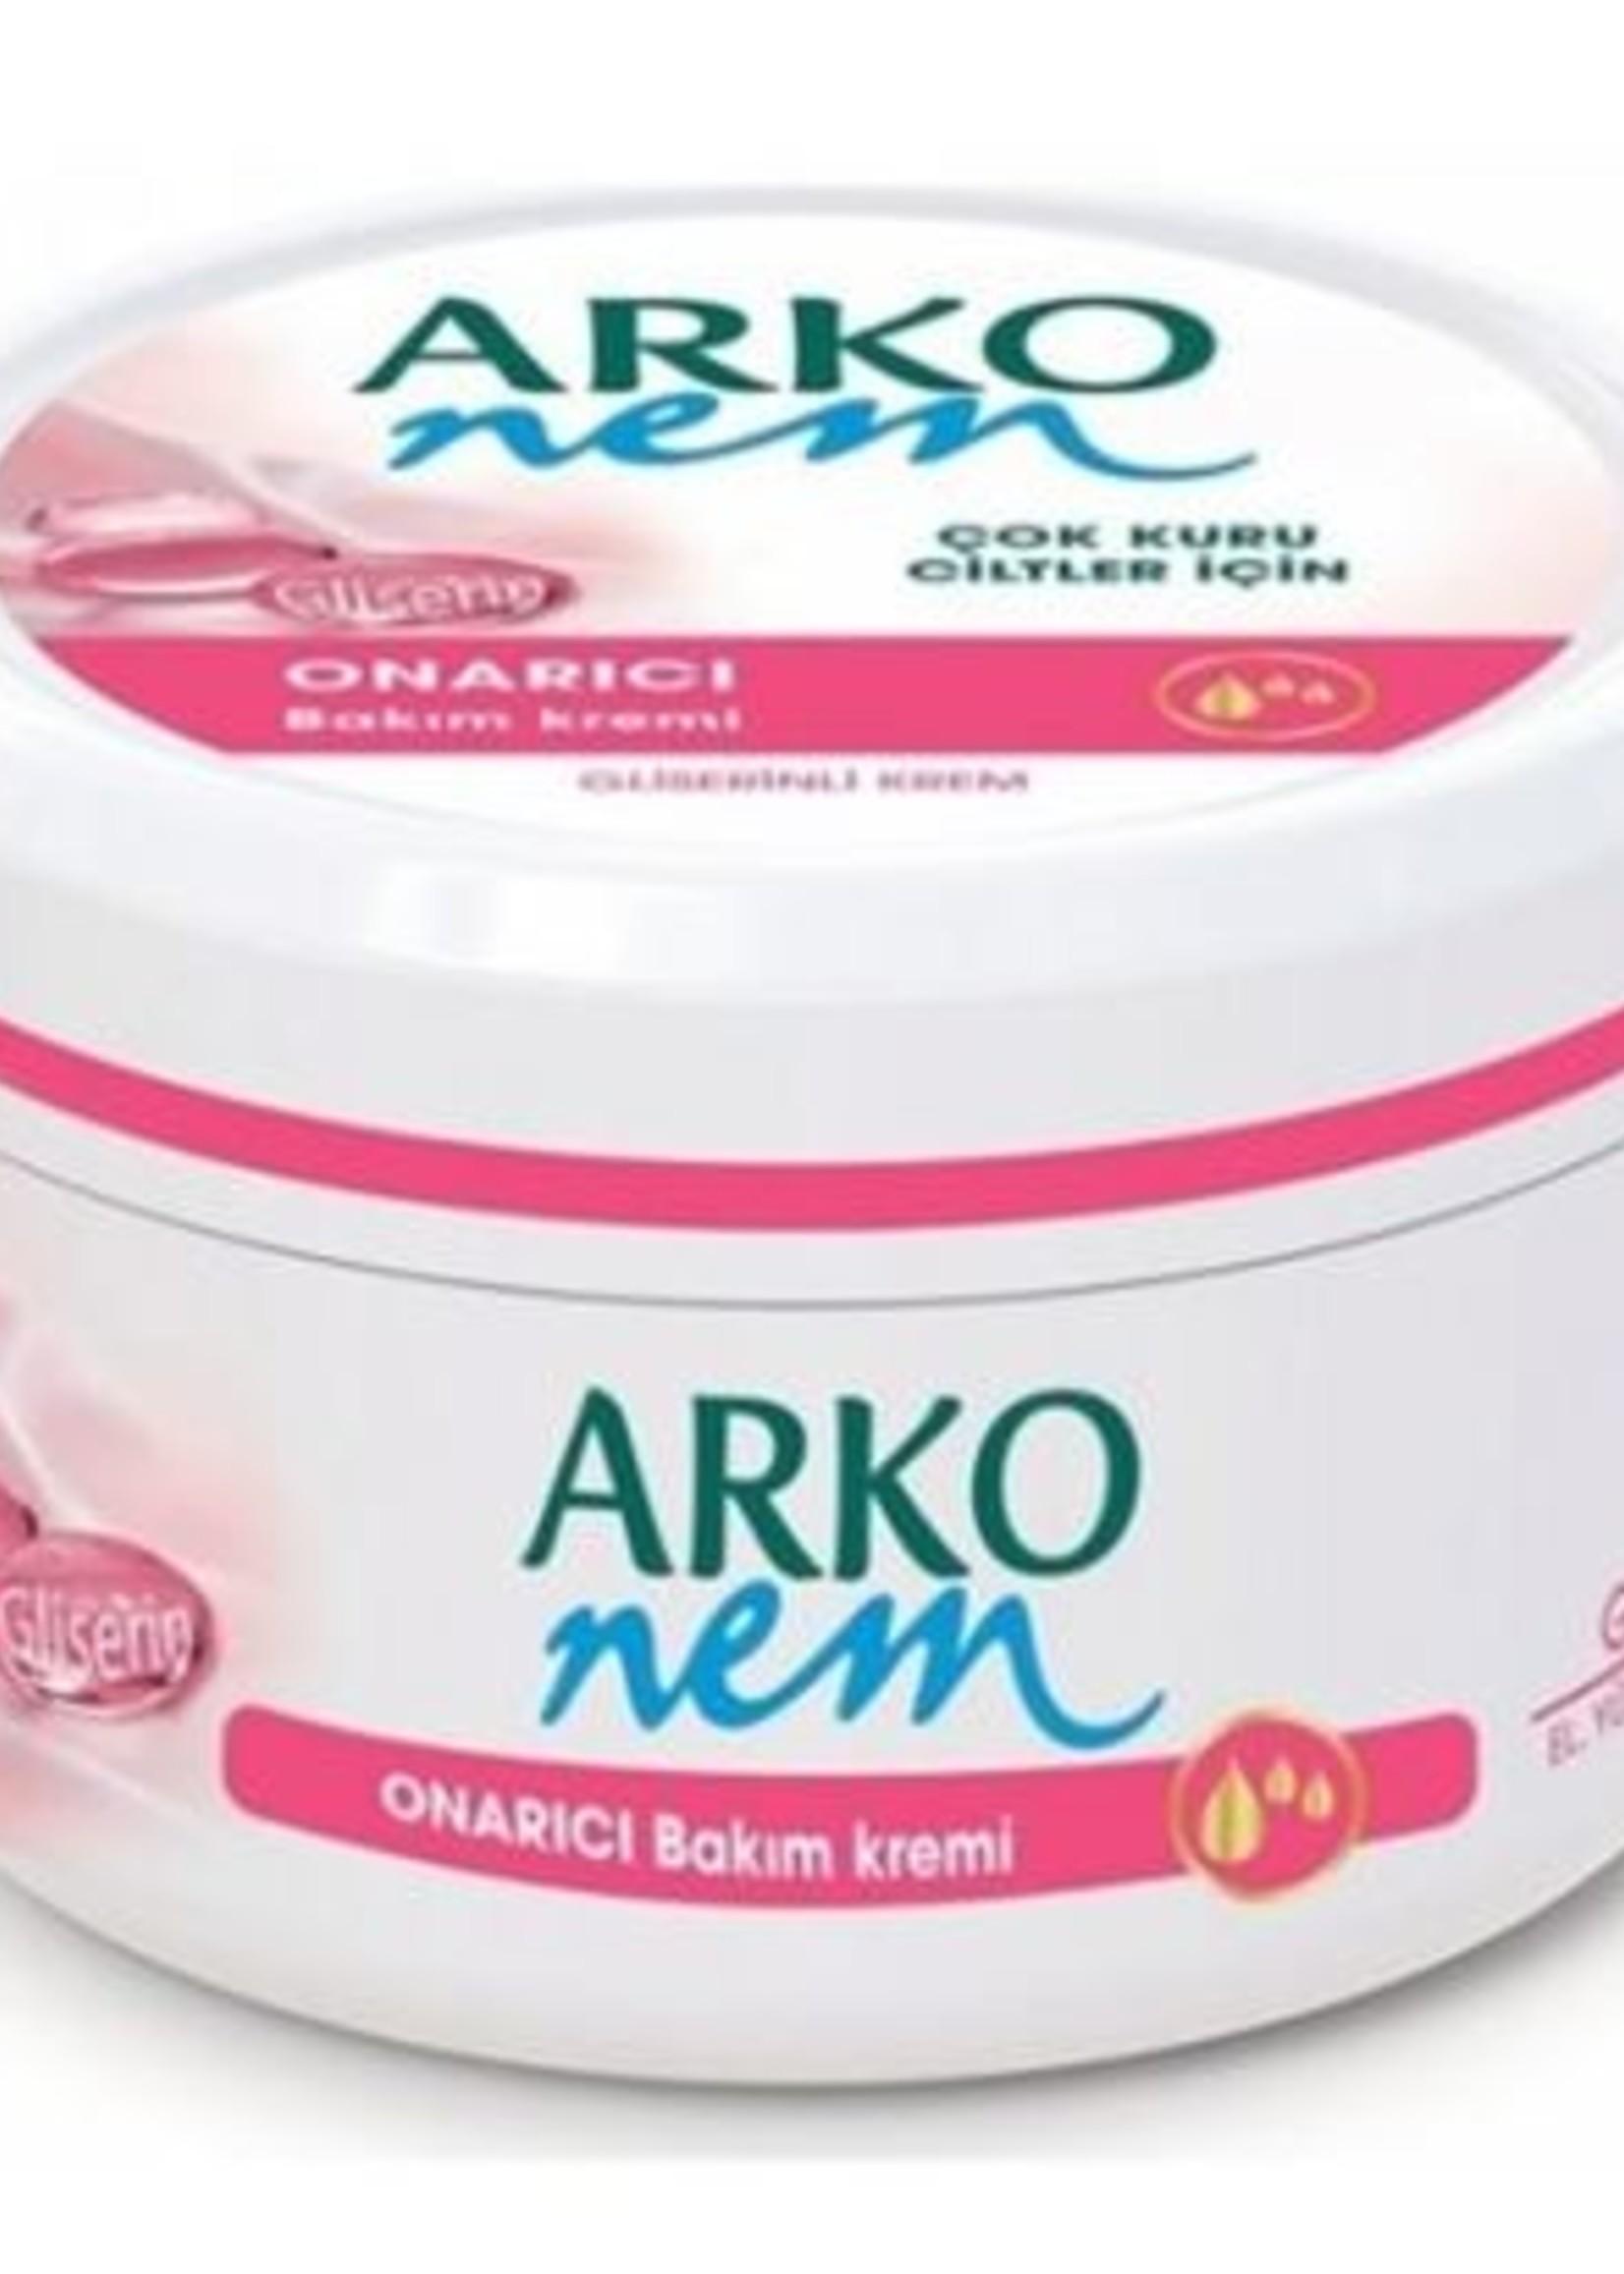 Arko Arko Creme Nem Soft Touch Gliserine 300 ml